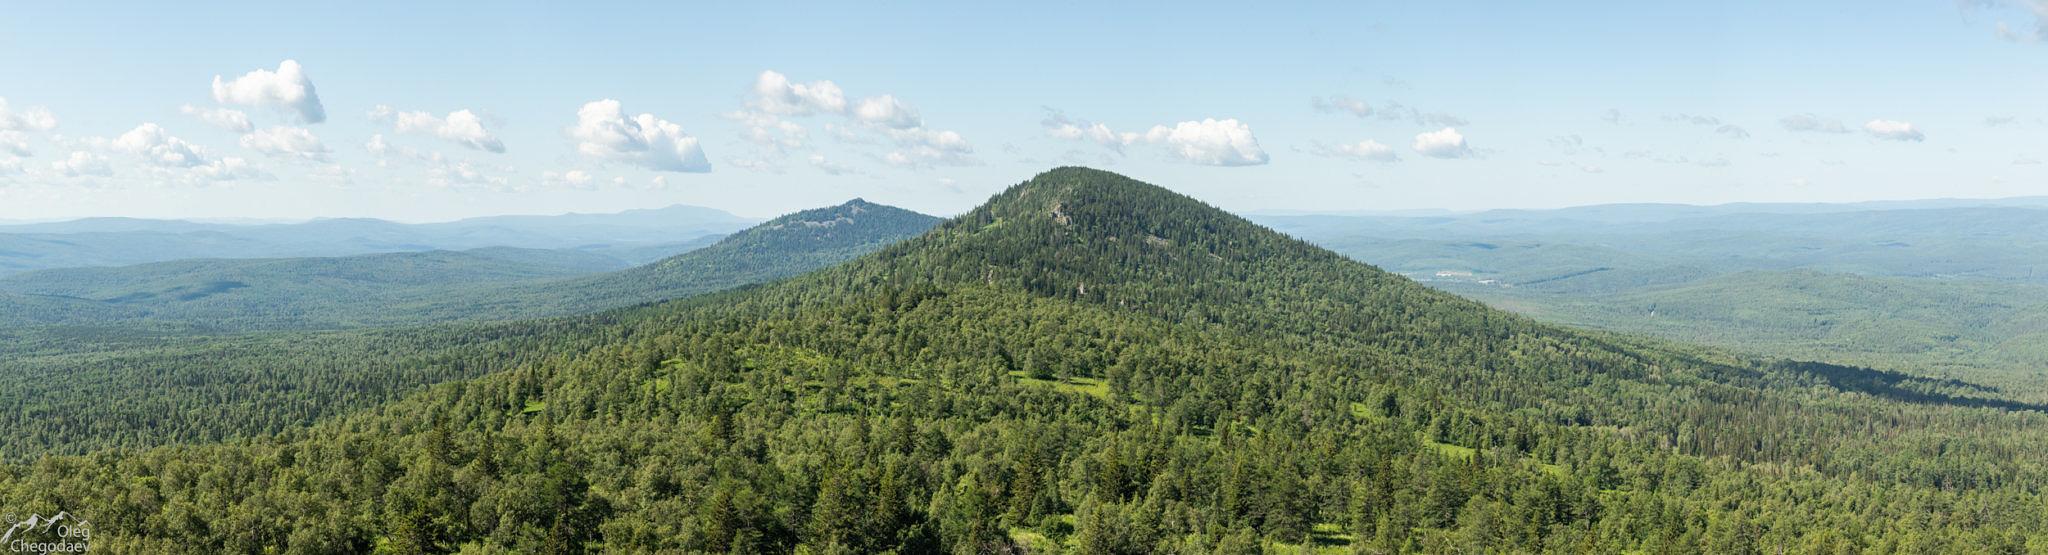 Горы Дунансунган и Каинтюбе